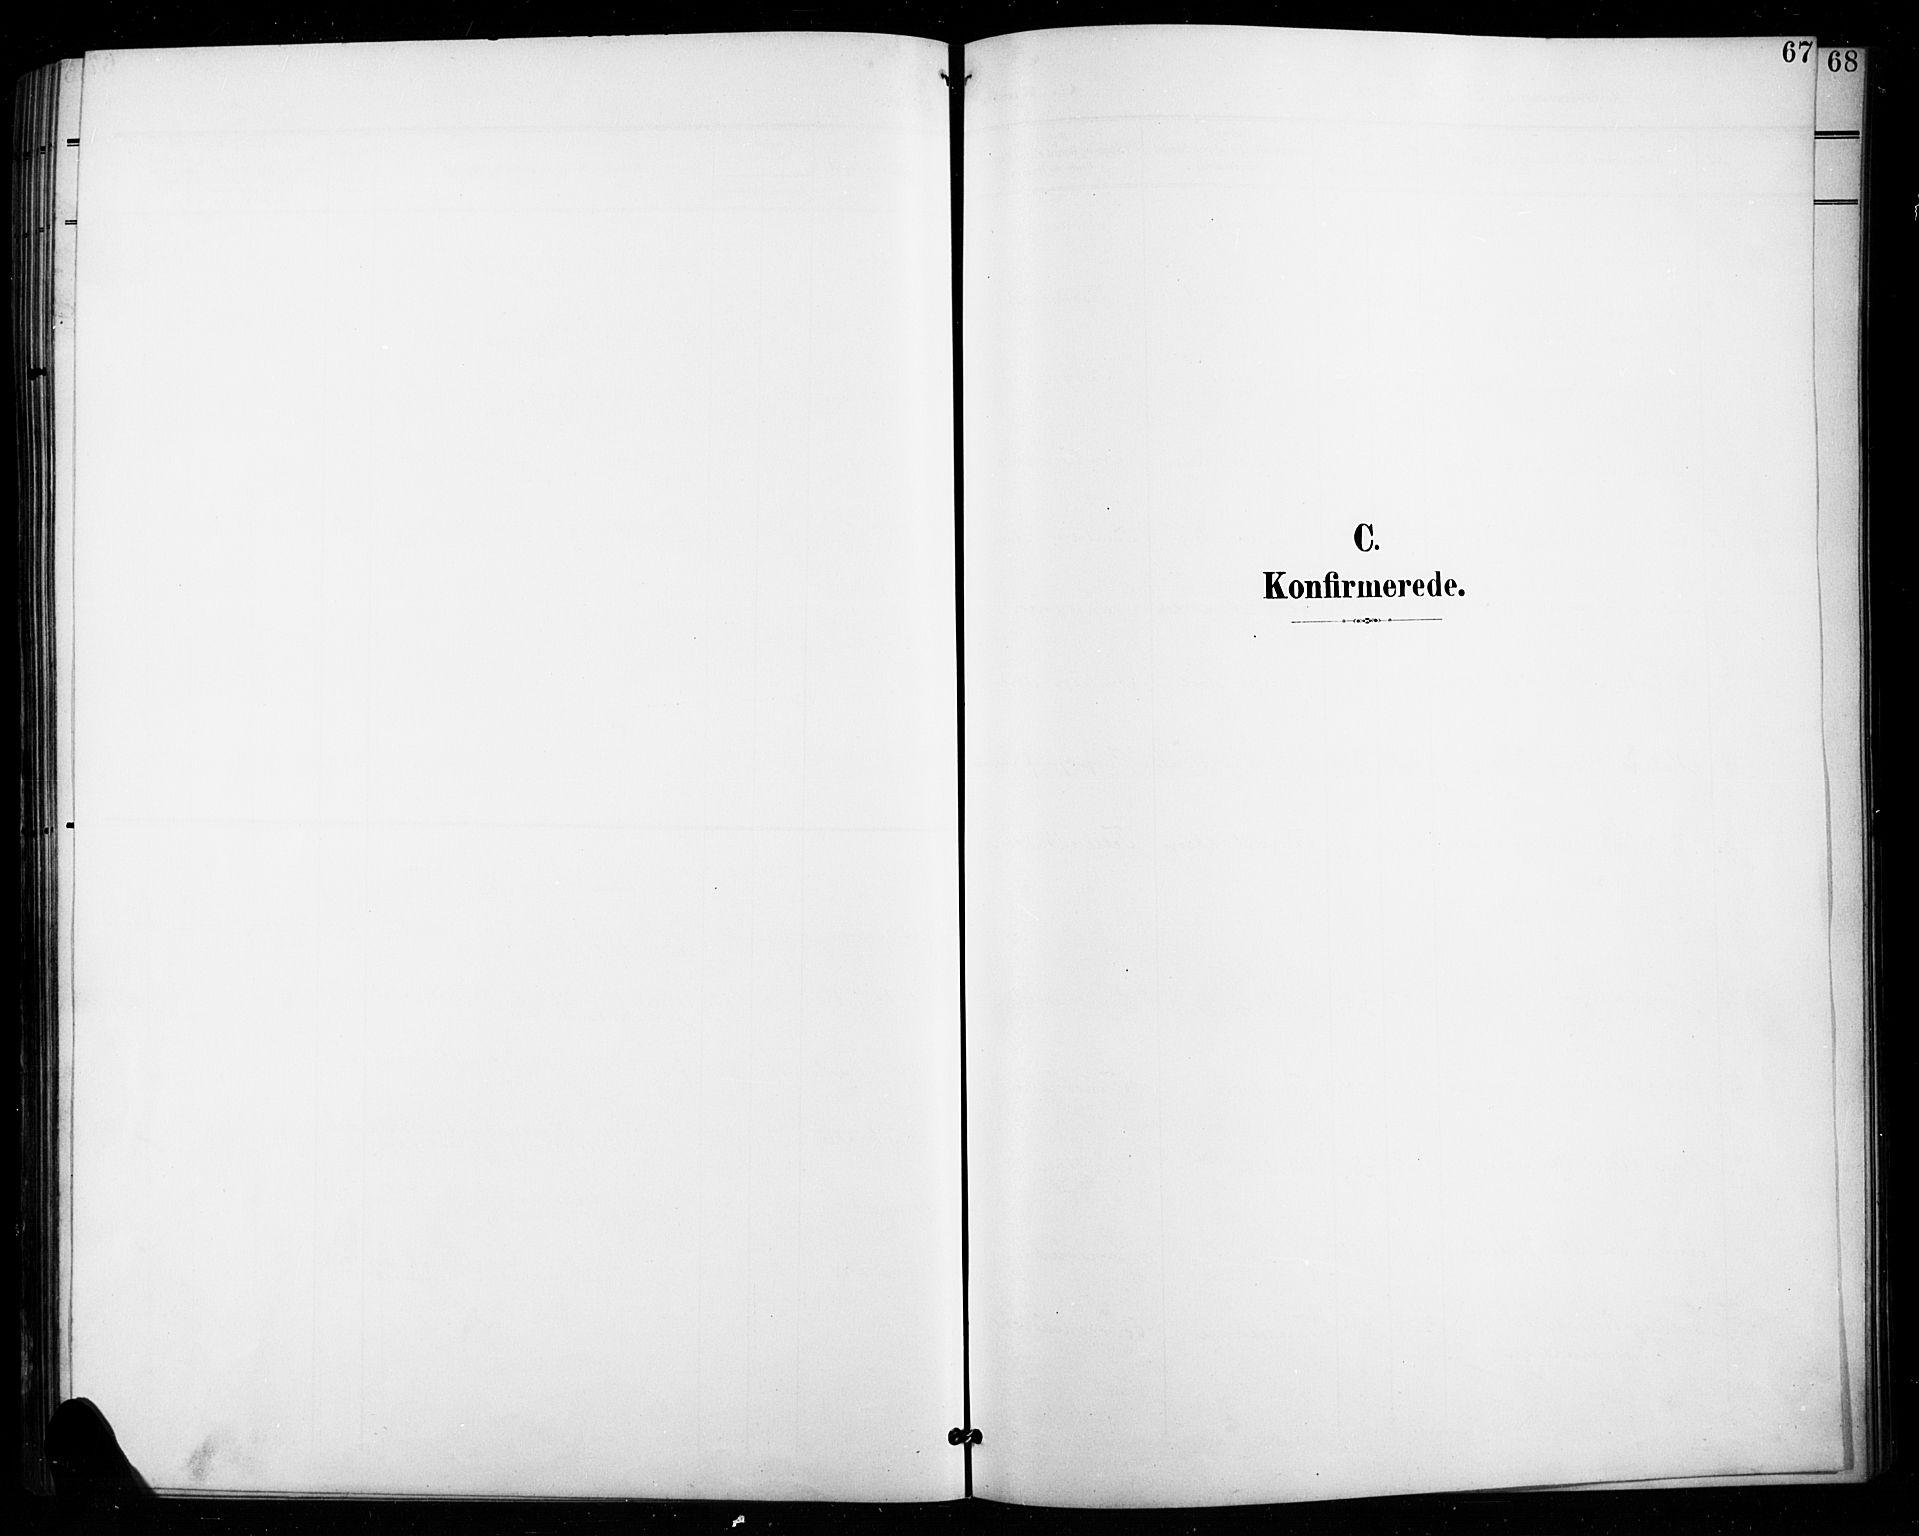 SAH, Vestre Toten prestekontor, Klokkerbok nr. 16, 1901-1915, s. 67